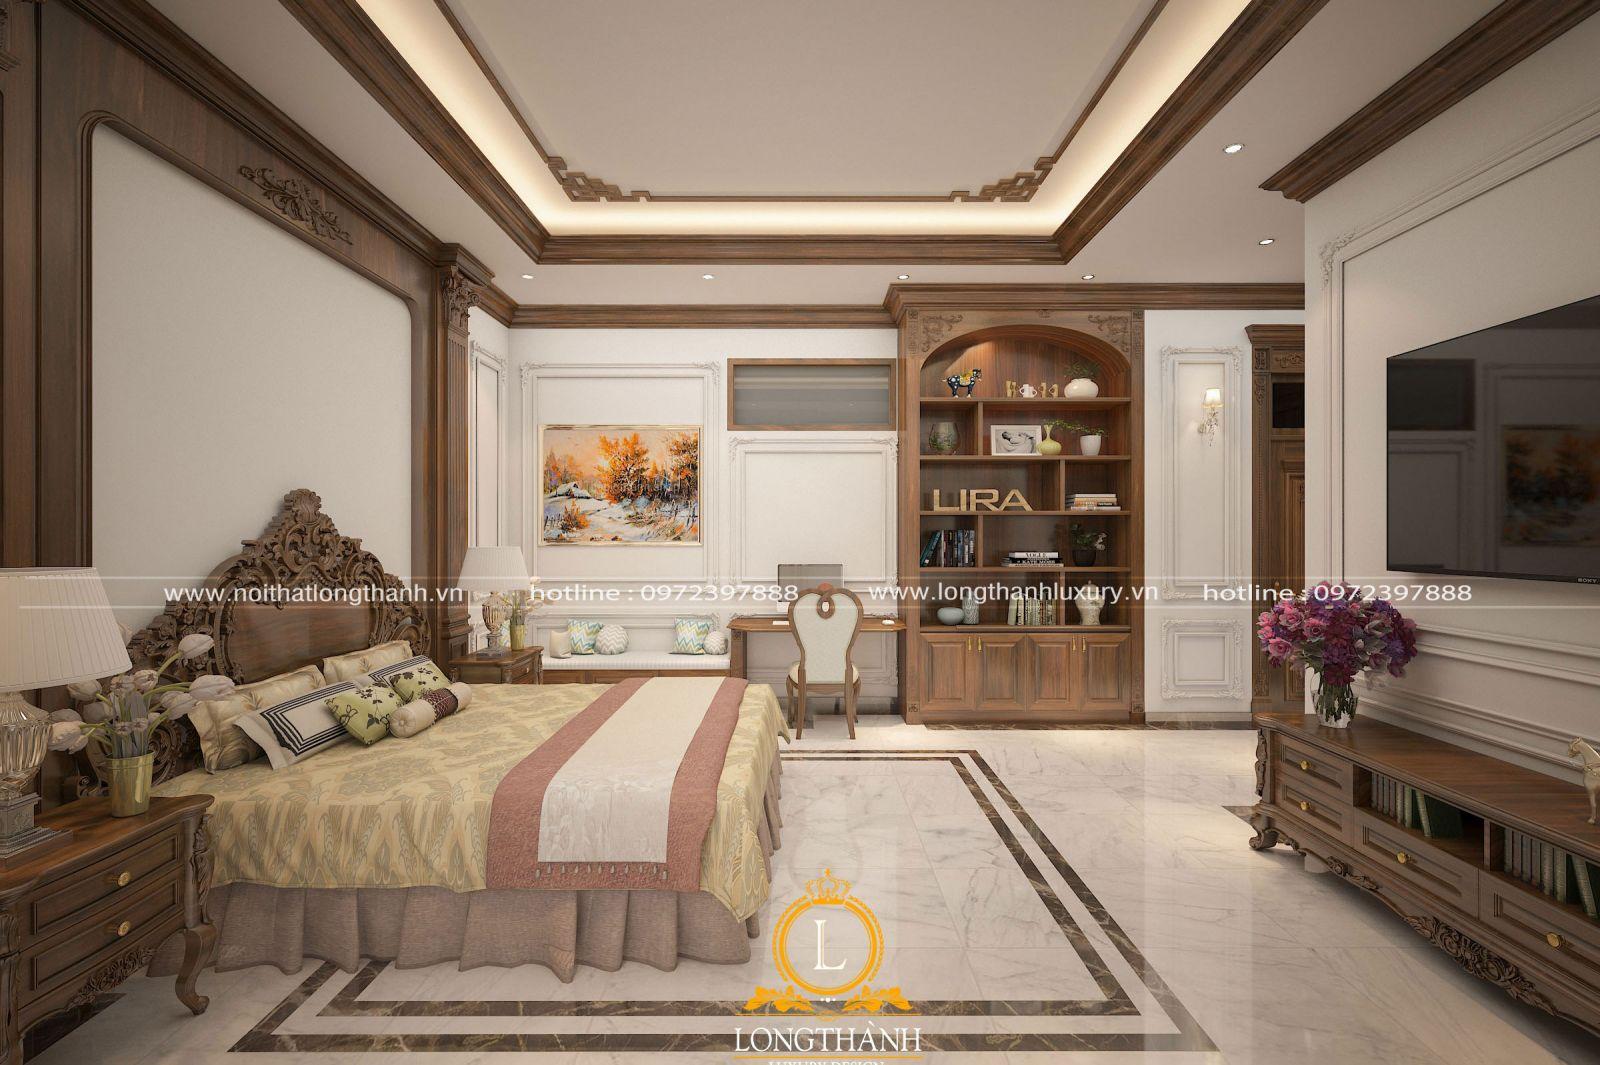 Thiết kế nội thất phòng ngủ master tân cổ điển đẹp cho nhà biệt thự phố